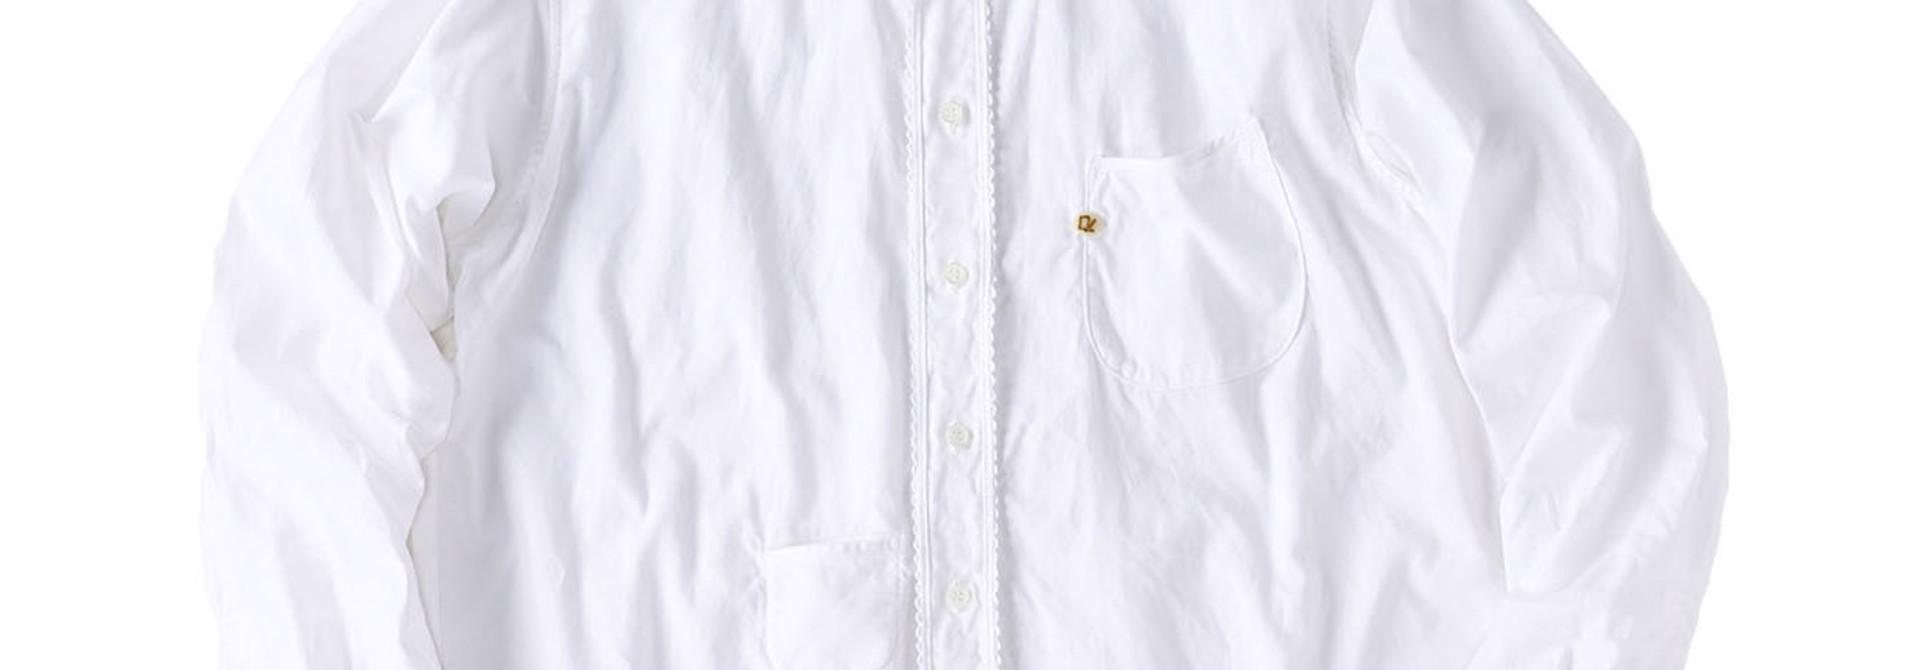 Thin Oxford 908 Ocean Lace Shirt (0621)